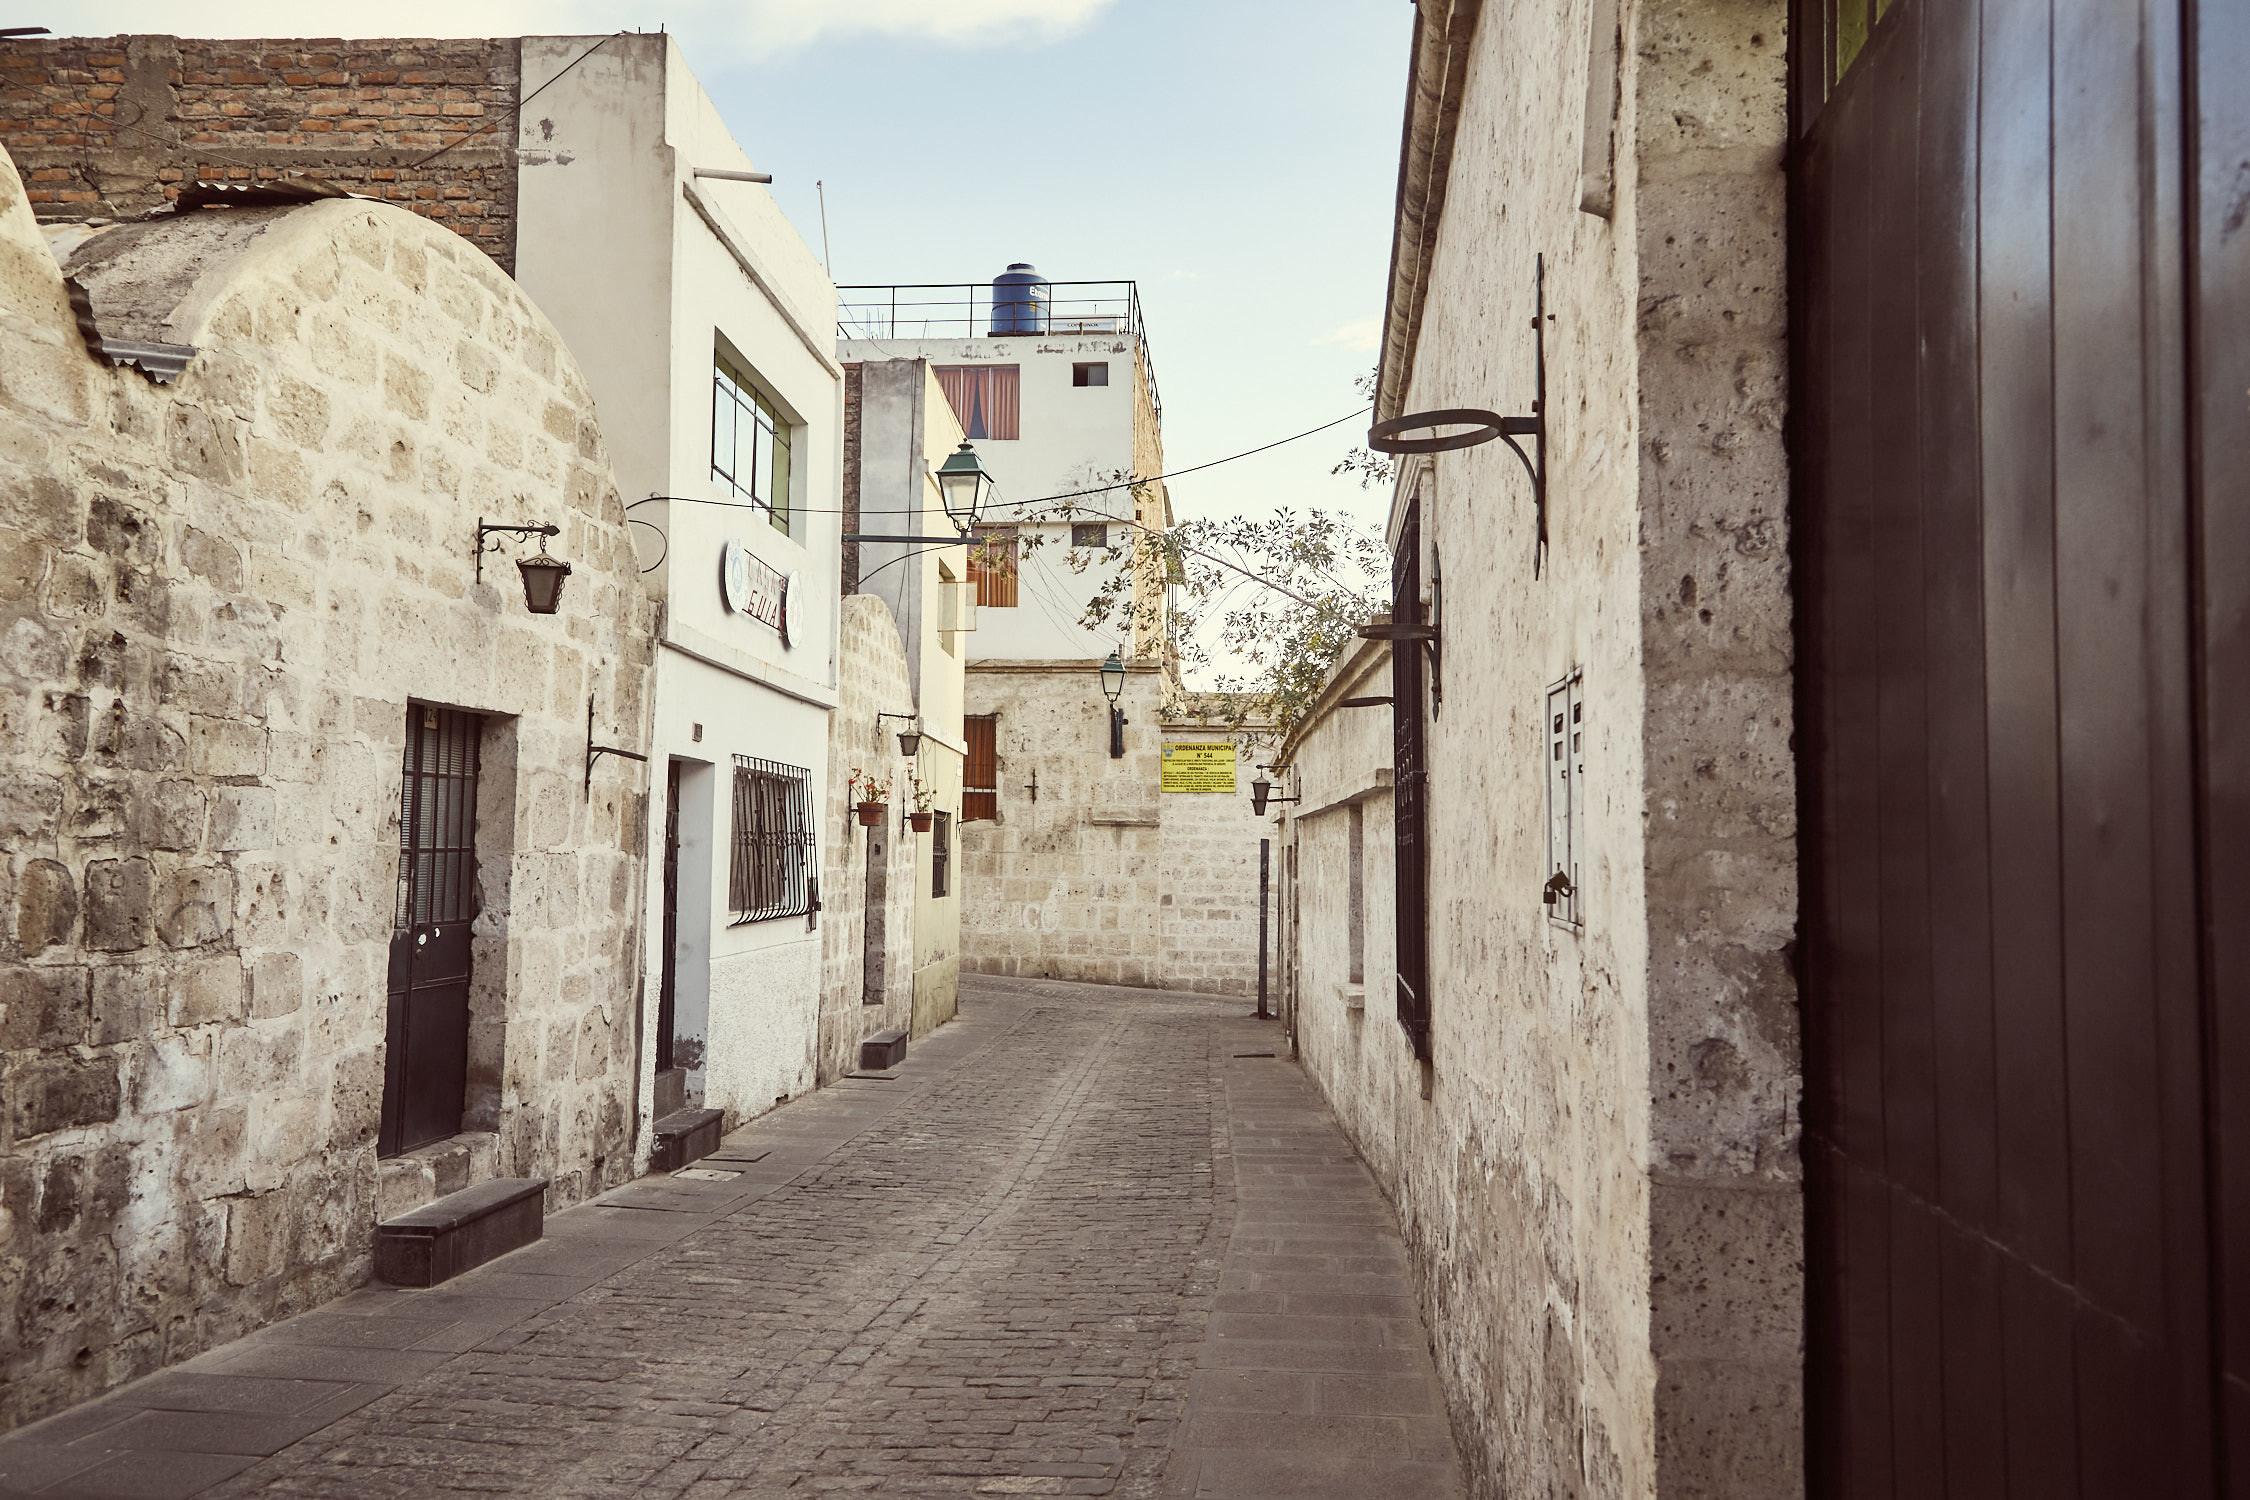 Das Viertel San Lazaro ist eines der ältesten Viertel der Stadt Arequipa in Peru